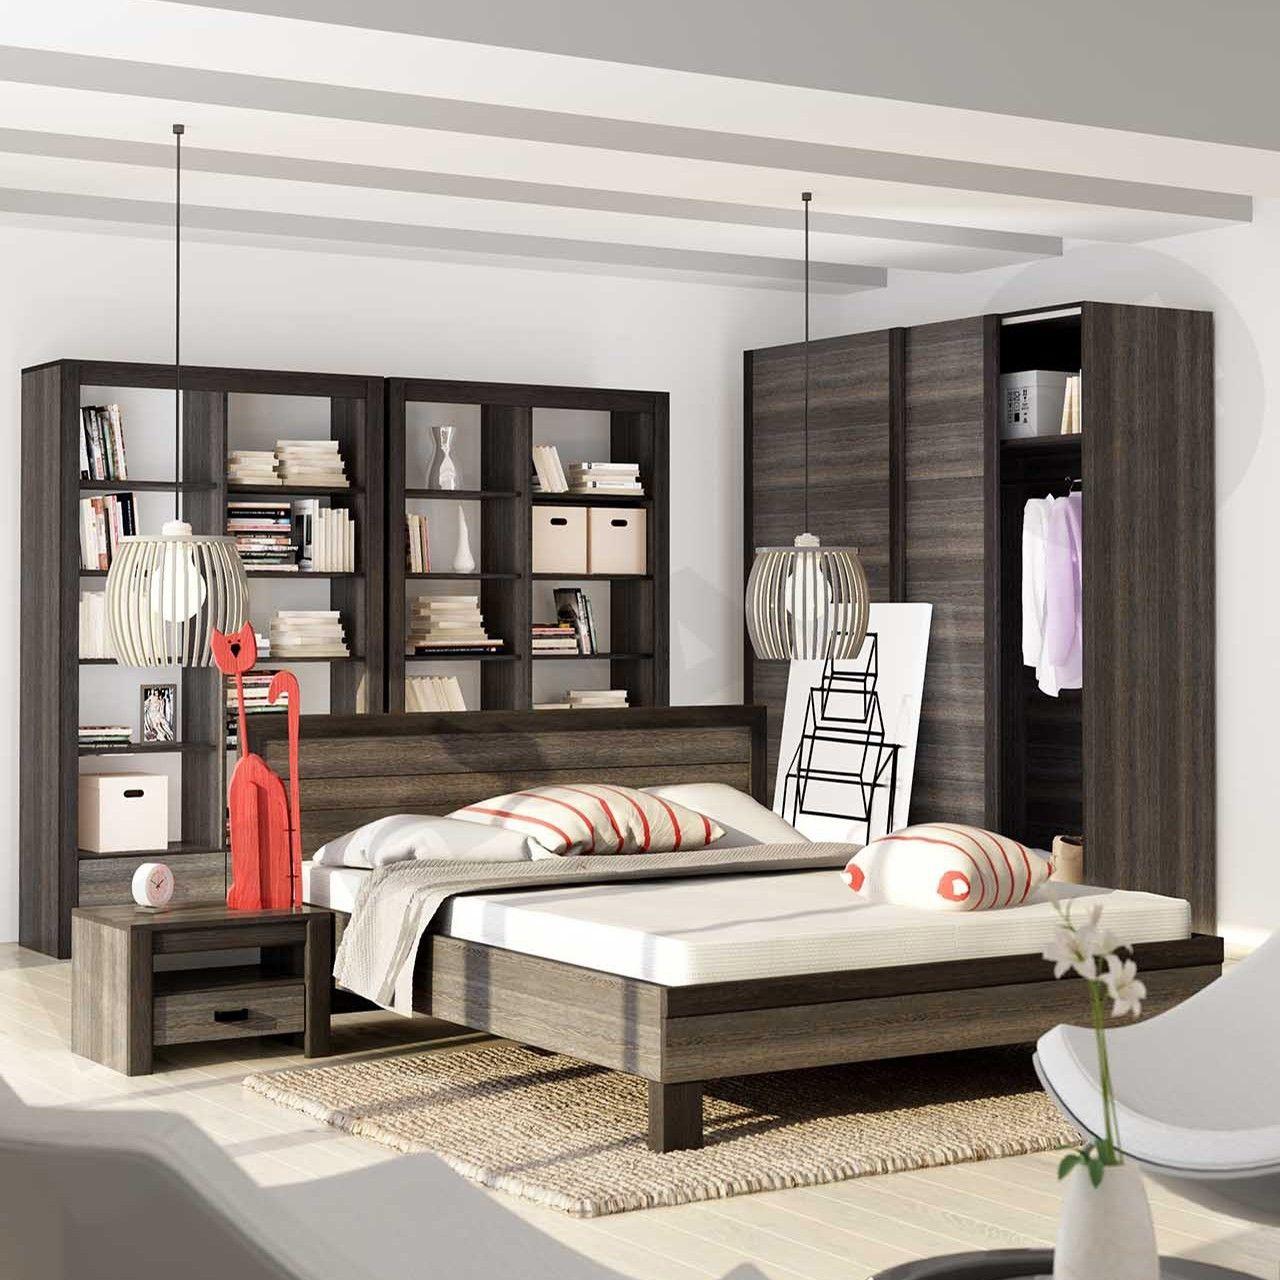 Das Schlafzimmer mit der Bibliothek. Eine gute Idee! #schlafzimmer ...